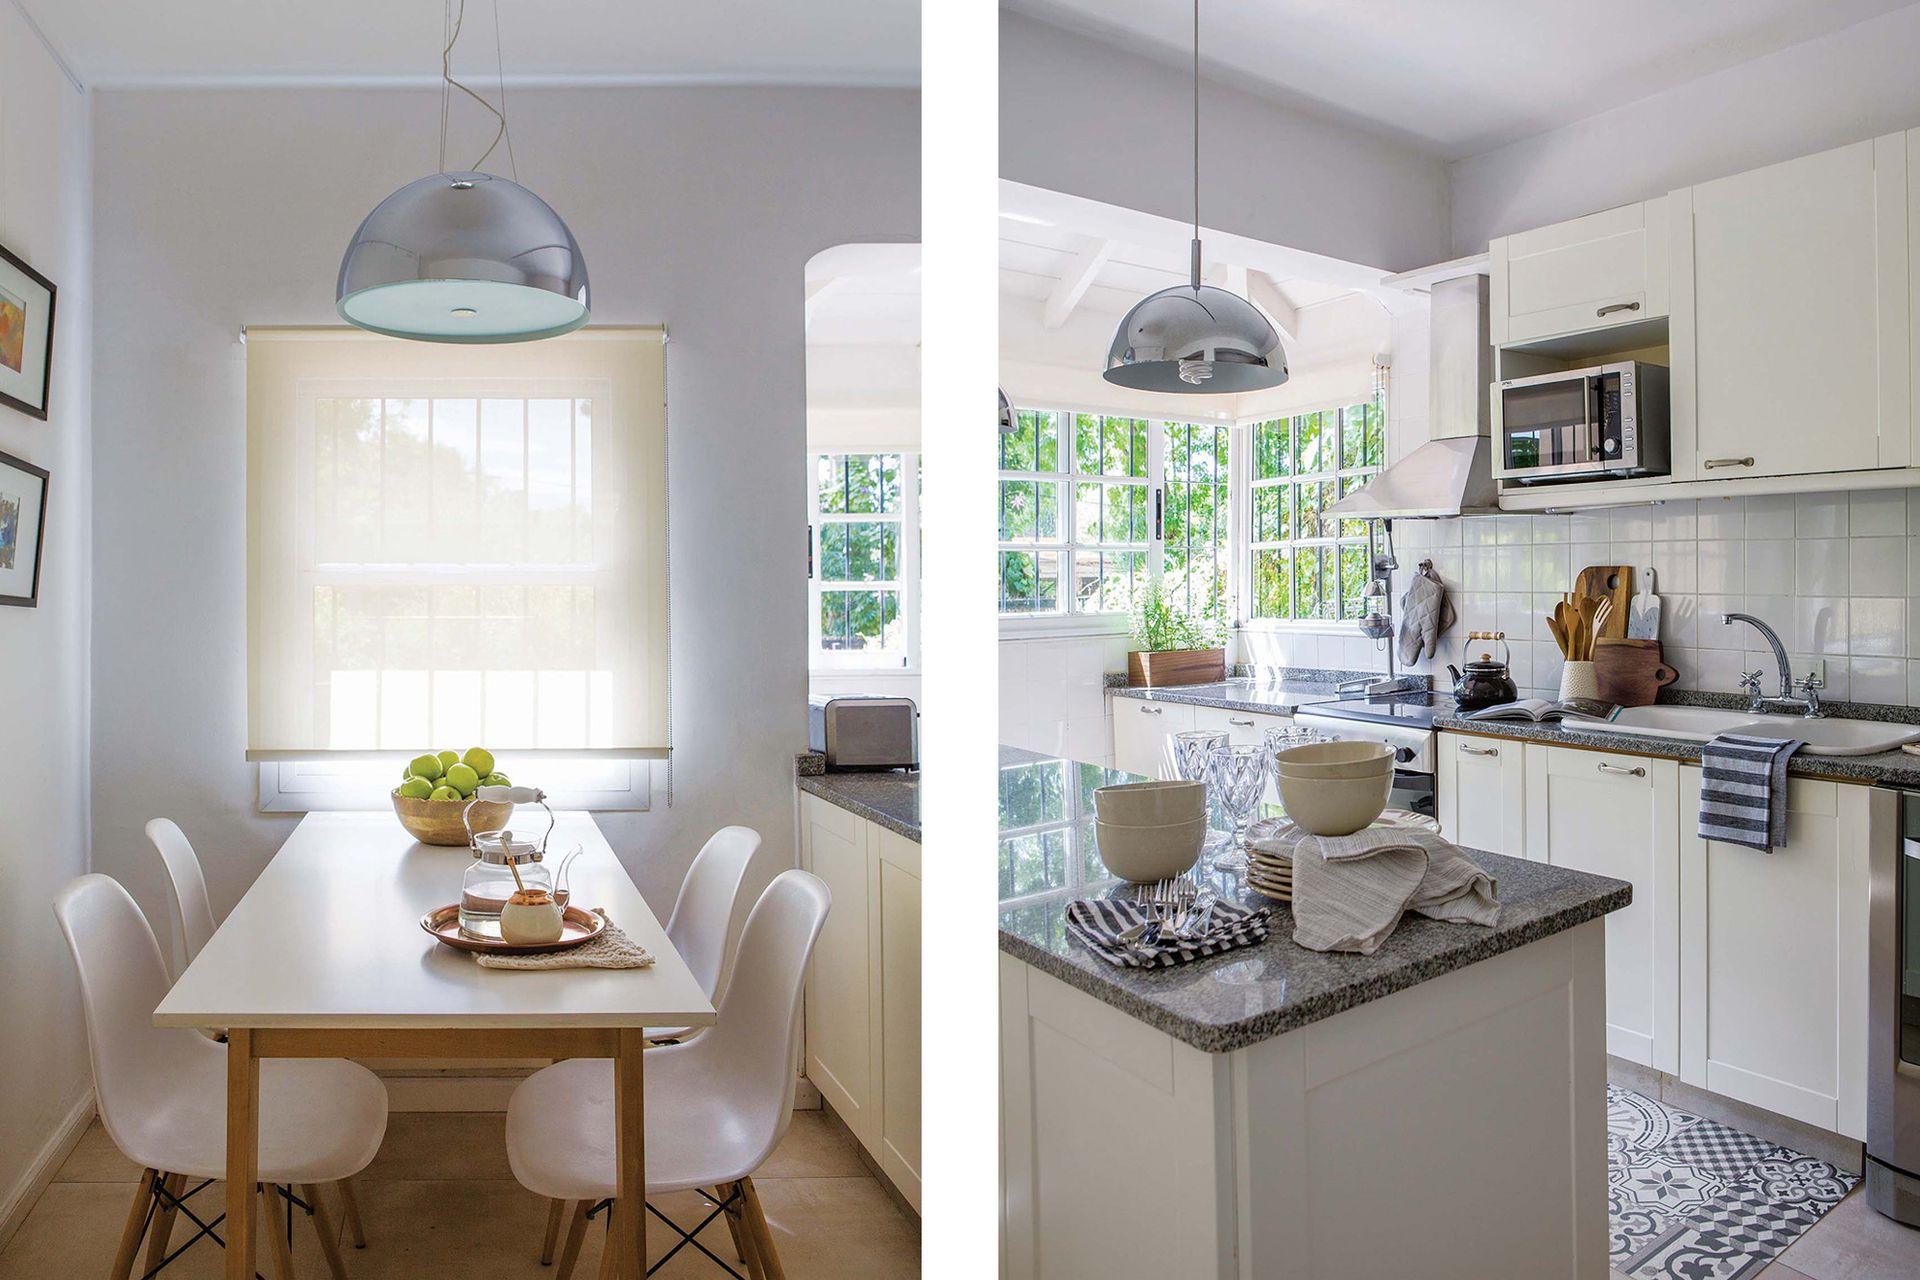 Mesa hecha a medida, sillas 'DSW Eames' y lámpara (Indelec). Pava de vidrio, mate y platos de cerámica (Philippa Deco Boutique). En la cocina alfombra vinílica (Mihran), pava negra (Casa Viló) y bowls de gres (Anda Calma).